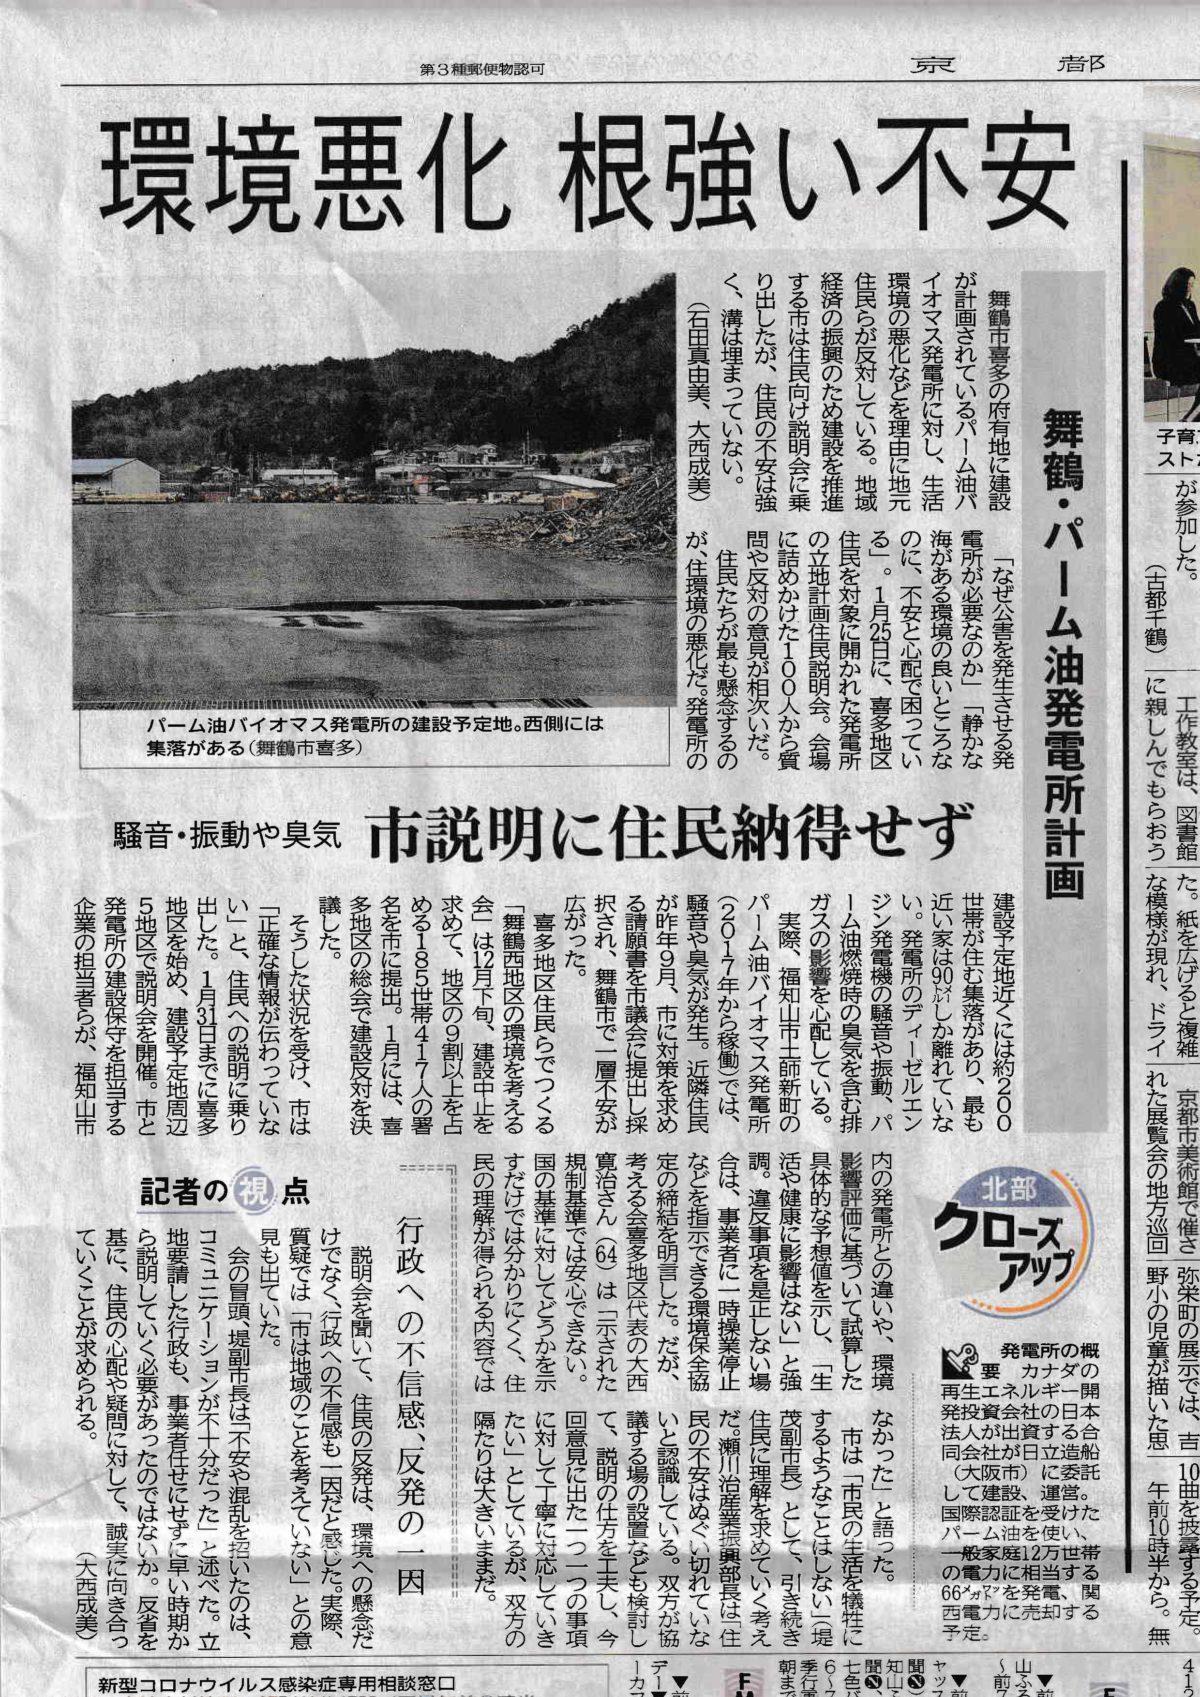 京都新聞にパーム油火力発電所建設に対して住民側が納得していないことが記事になりました 2020年2月9日